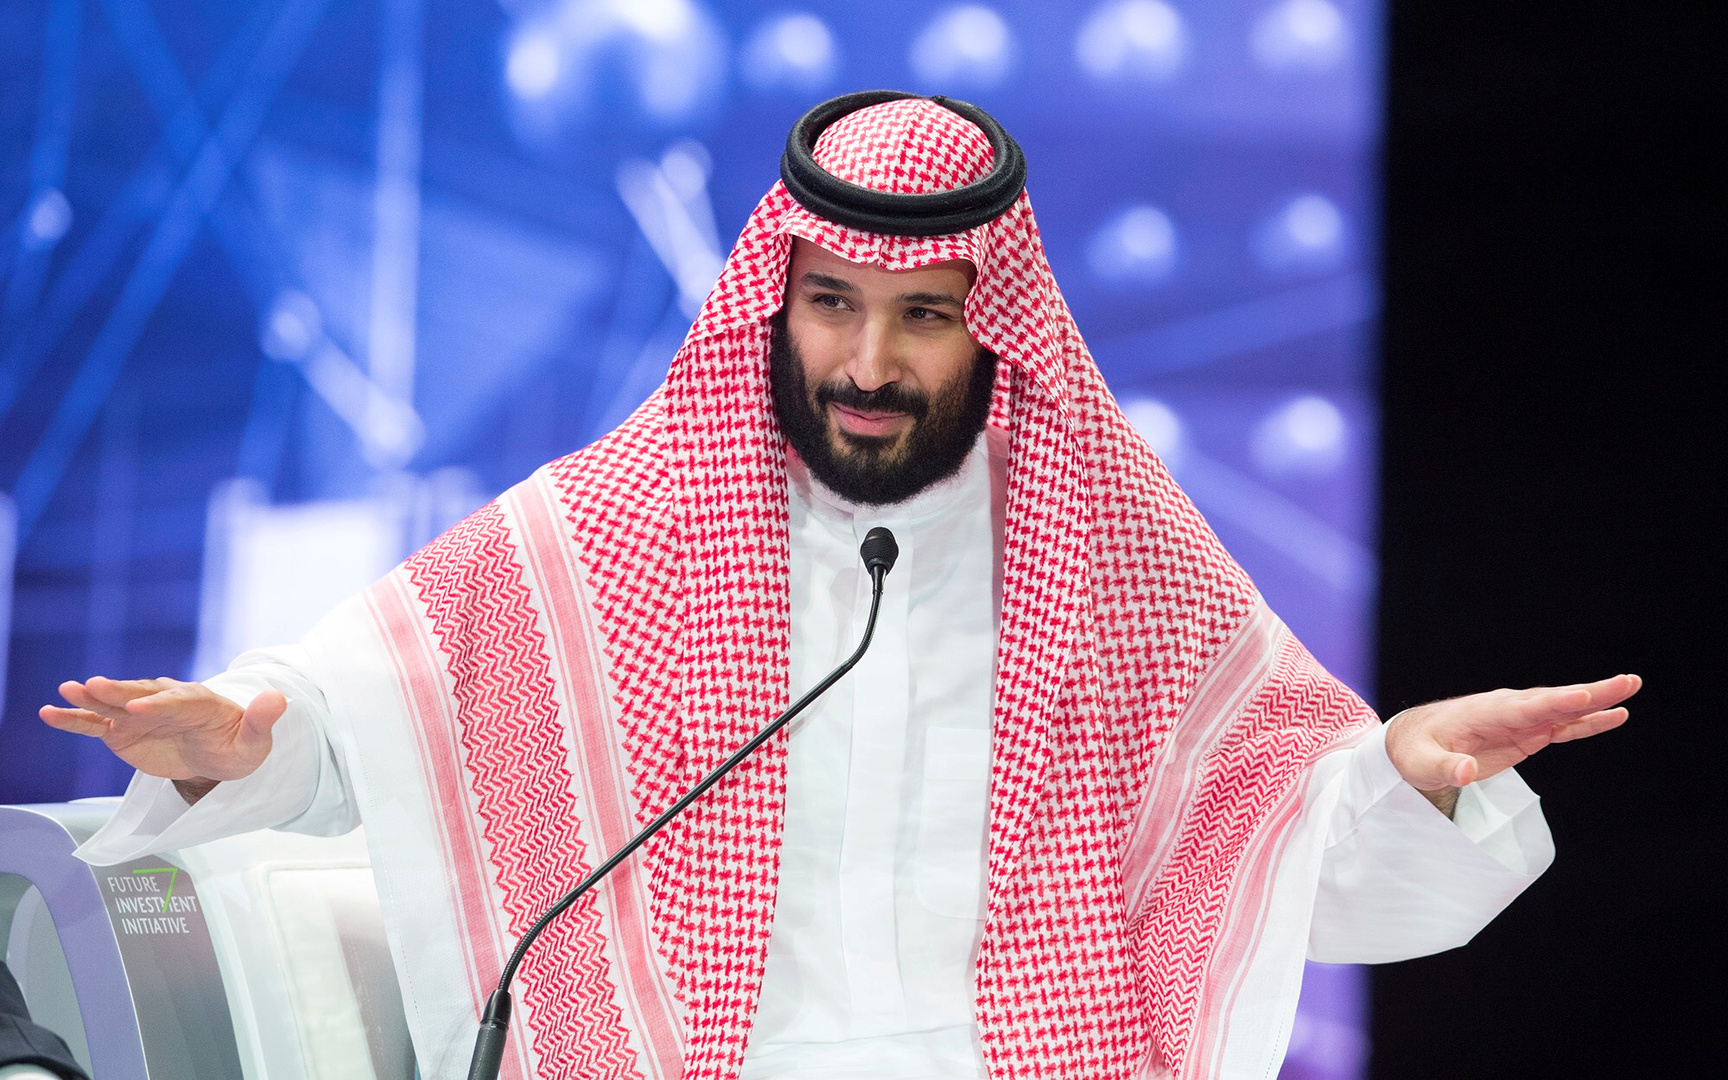 محمد بن سلمان: نستهدف أن تكون الرياض من أكبر 10 اقتصاديات مدن في العالم